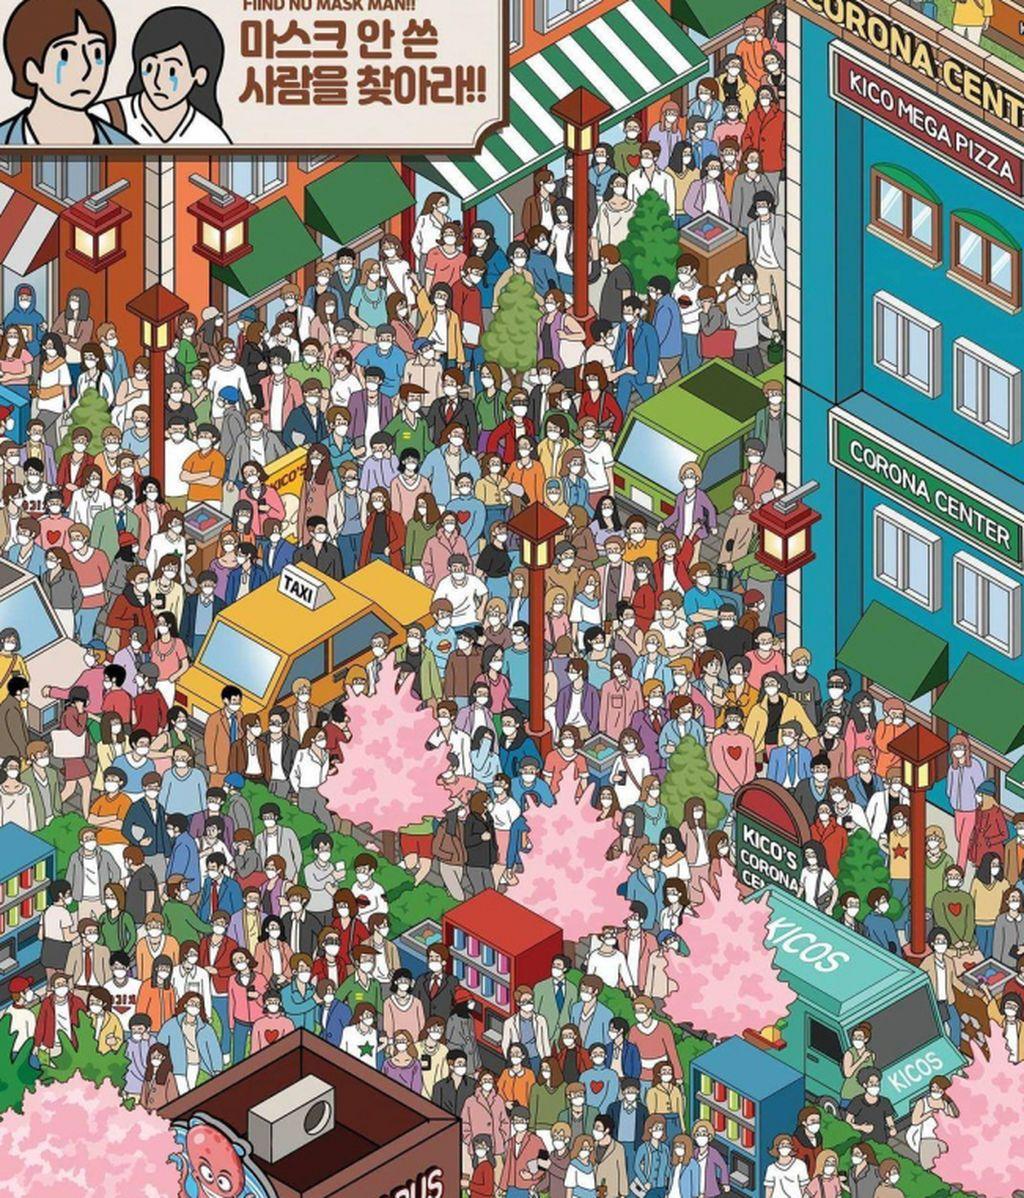 El nuevo reto que desafía tu agudeza visual: ¿Dónde está la única persona sin mascarilla?